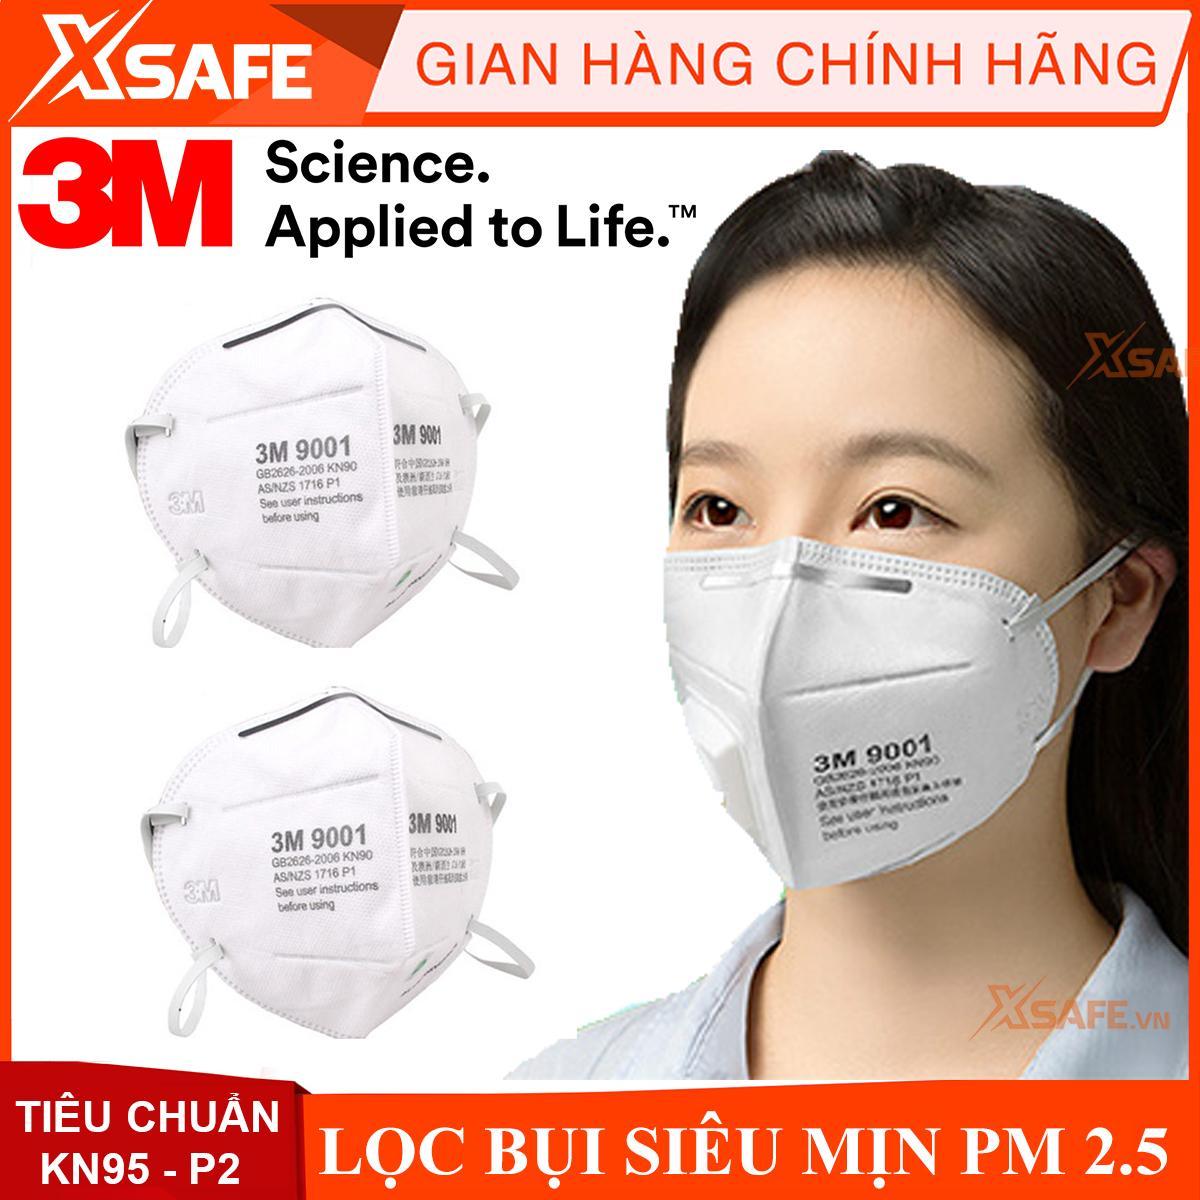 Khẩu trang chống bụi mịn PM 2.5 ( Khẩu trang 3m 9001A )